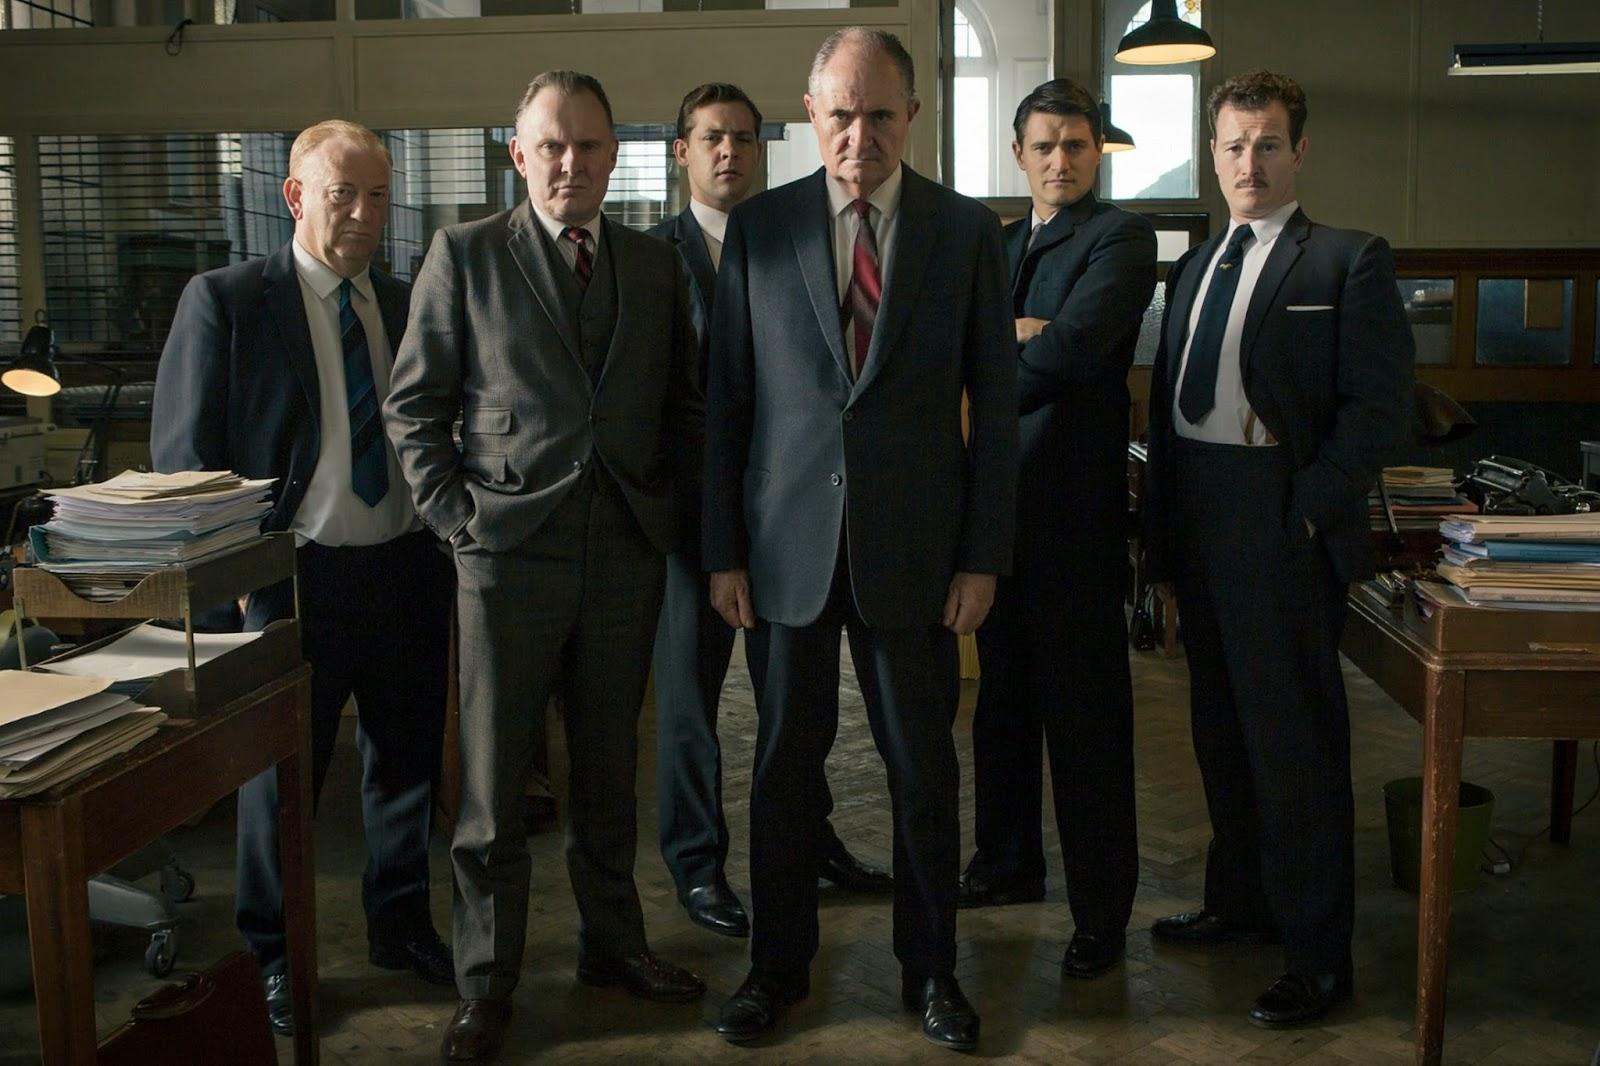 The Great Train Robbery, luke evans, robo tren, a copper's tale, glasgow, jim broadbent, 2013, bbc,el zorro con gafas